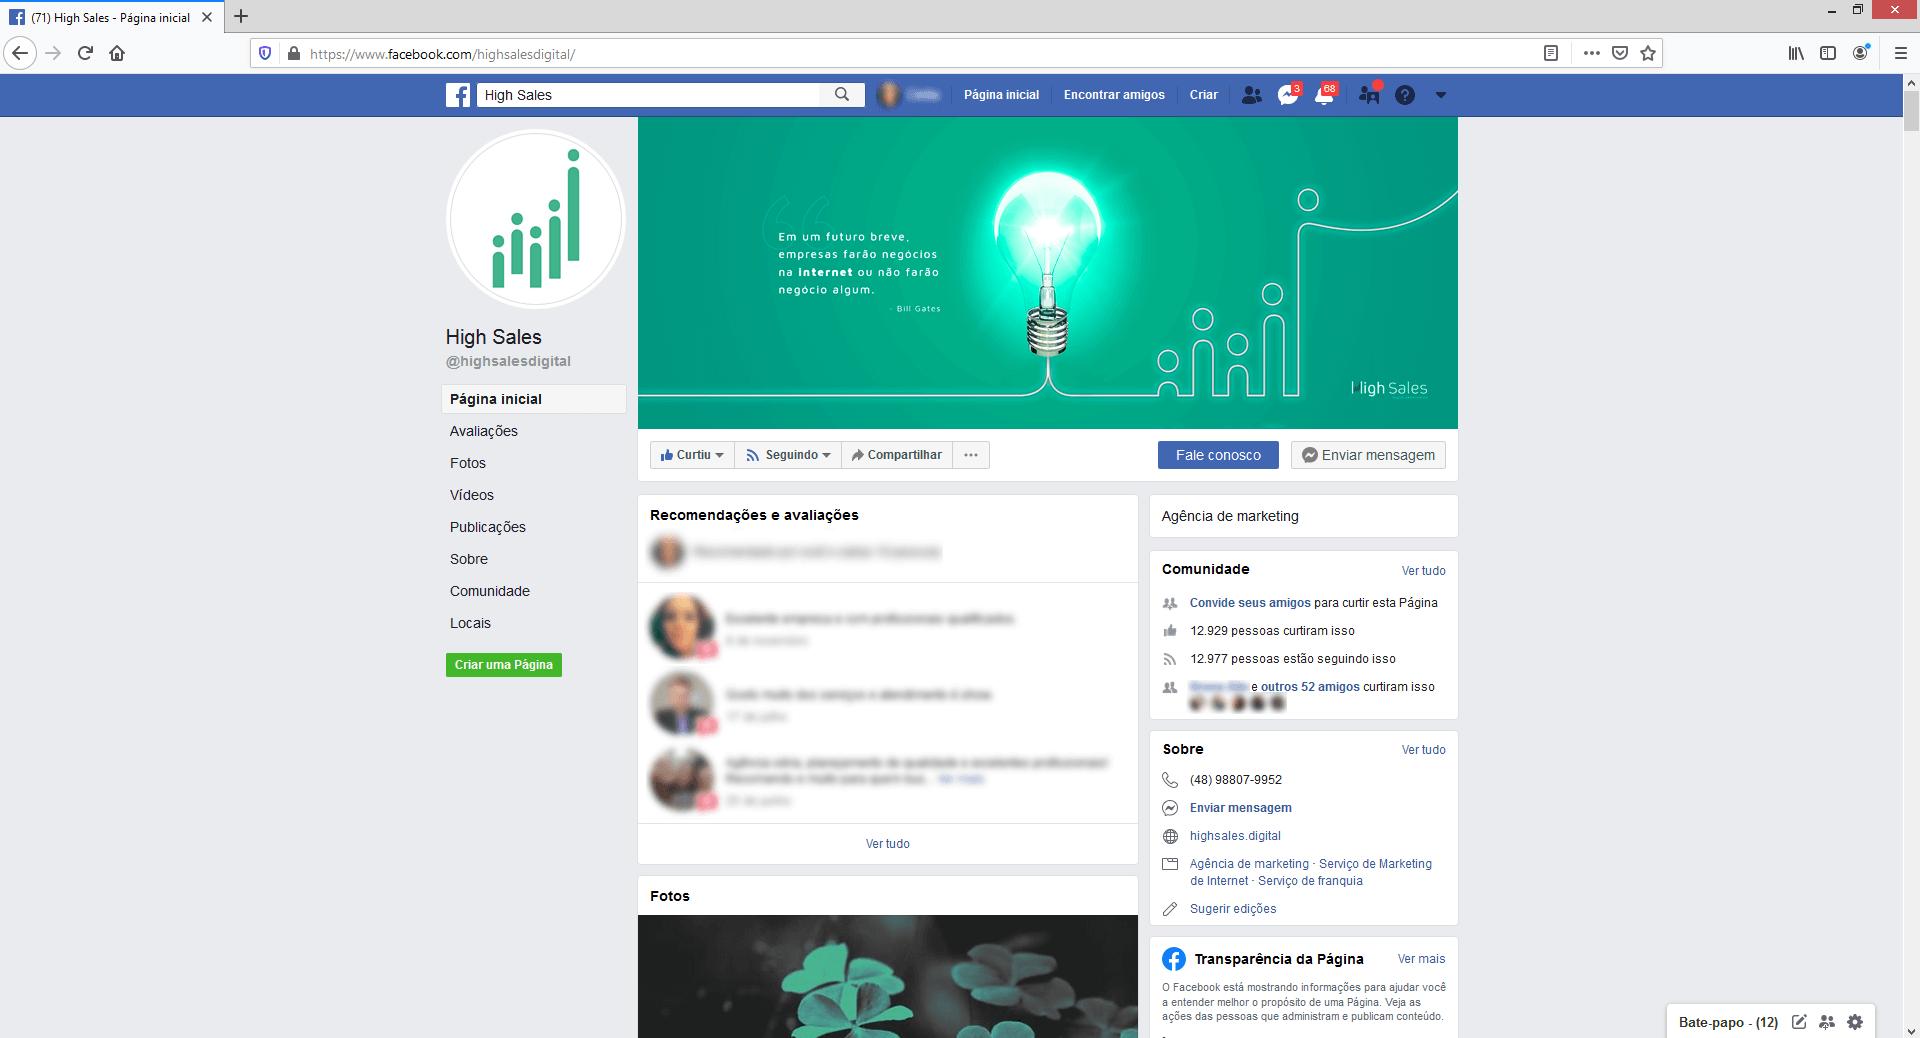 como criar um site integrado com as redes sociais